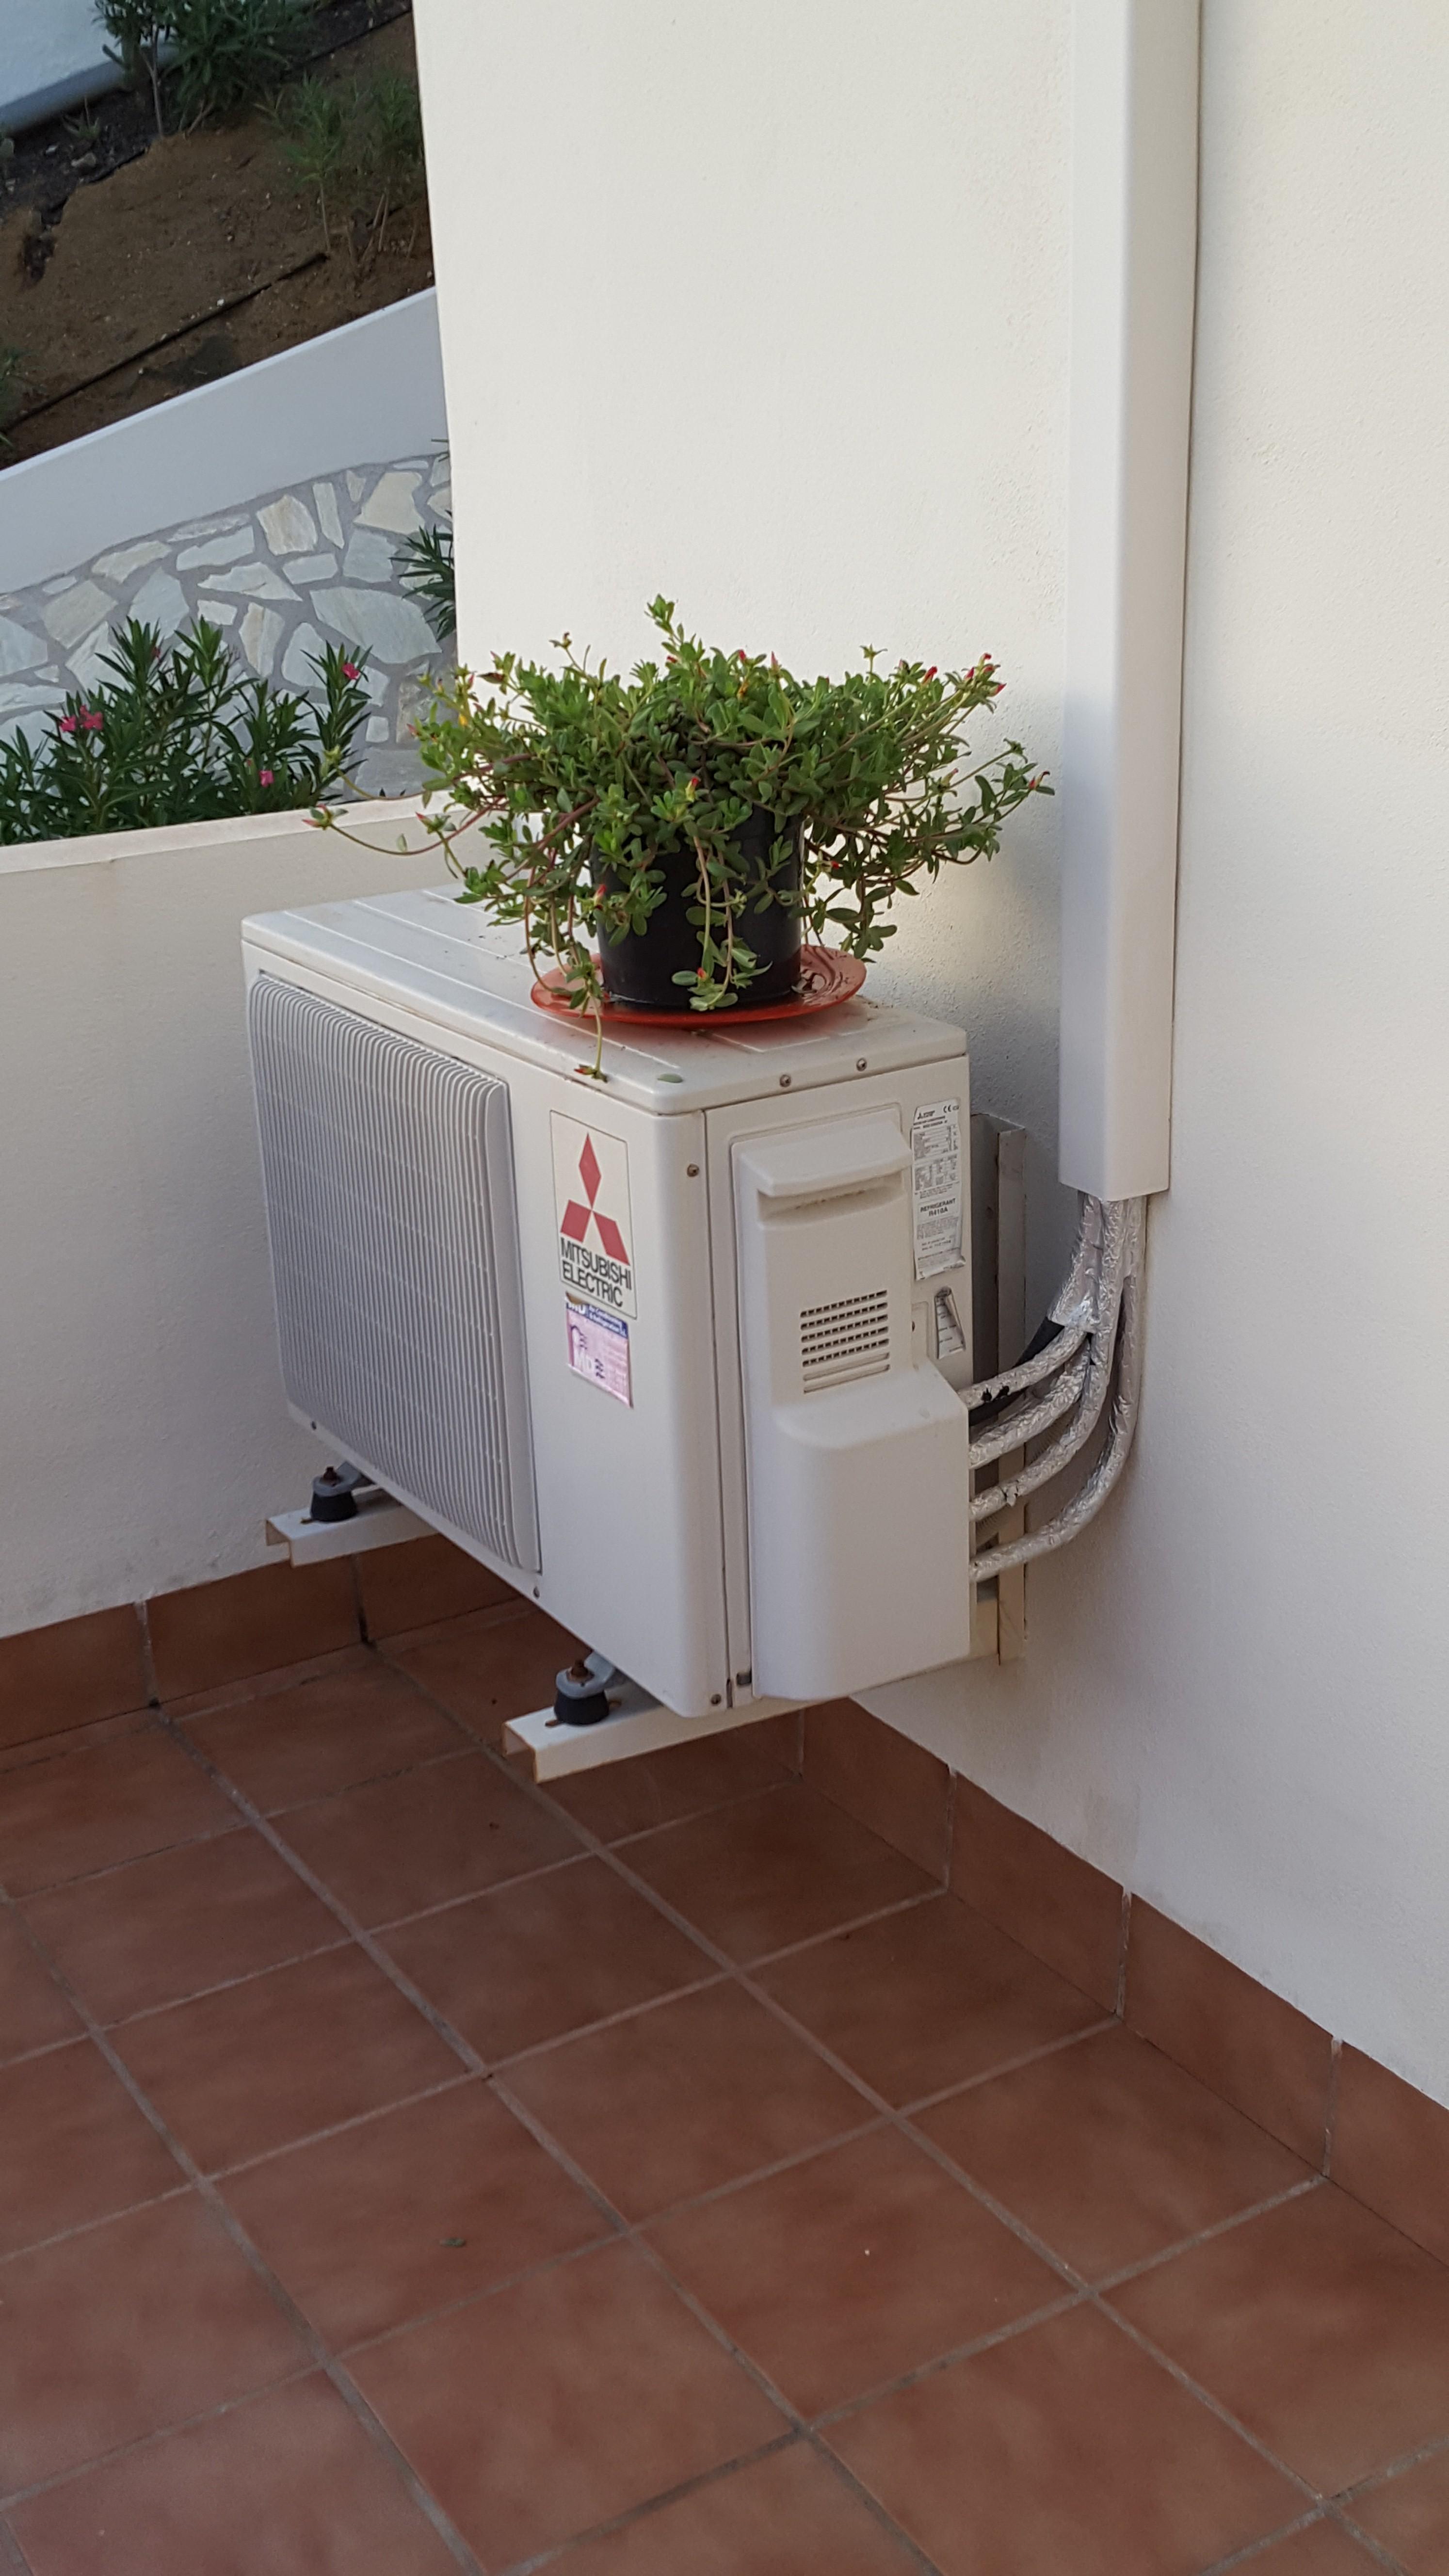 Ferienwohnung 3 Schlafzimmer Wohnung zu vermieten in Mojcar, Spanien (2388895), Mojacar, Costa de Almeria, Andalusien, Spanien, Bild 27